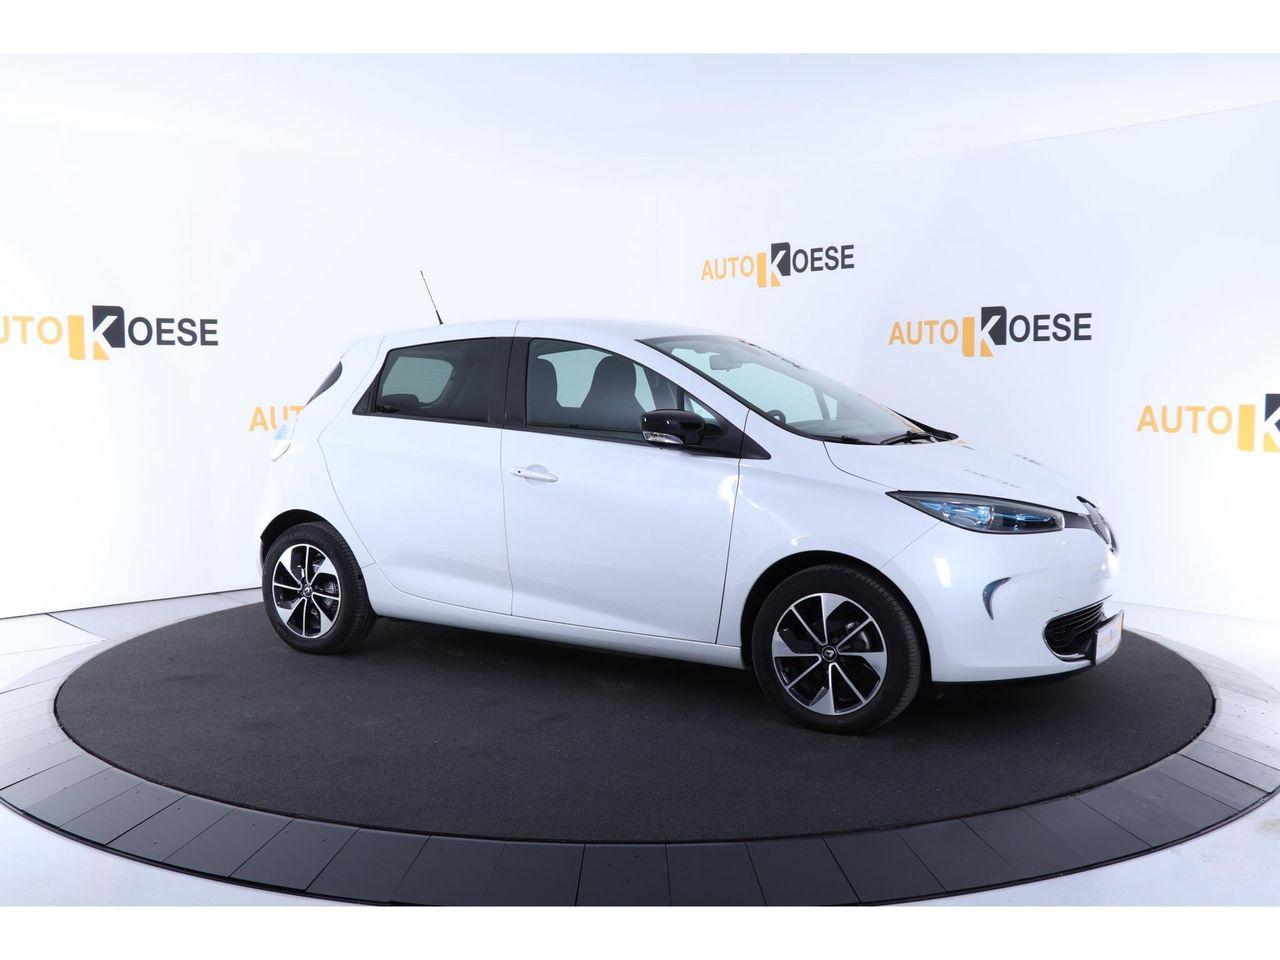 Renault Zoe R90 Intens 41kWh 4%BIJT/GROTE RANGE € 16.819 INCL.